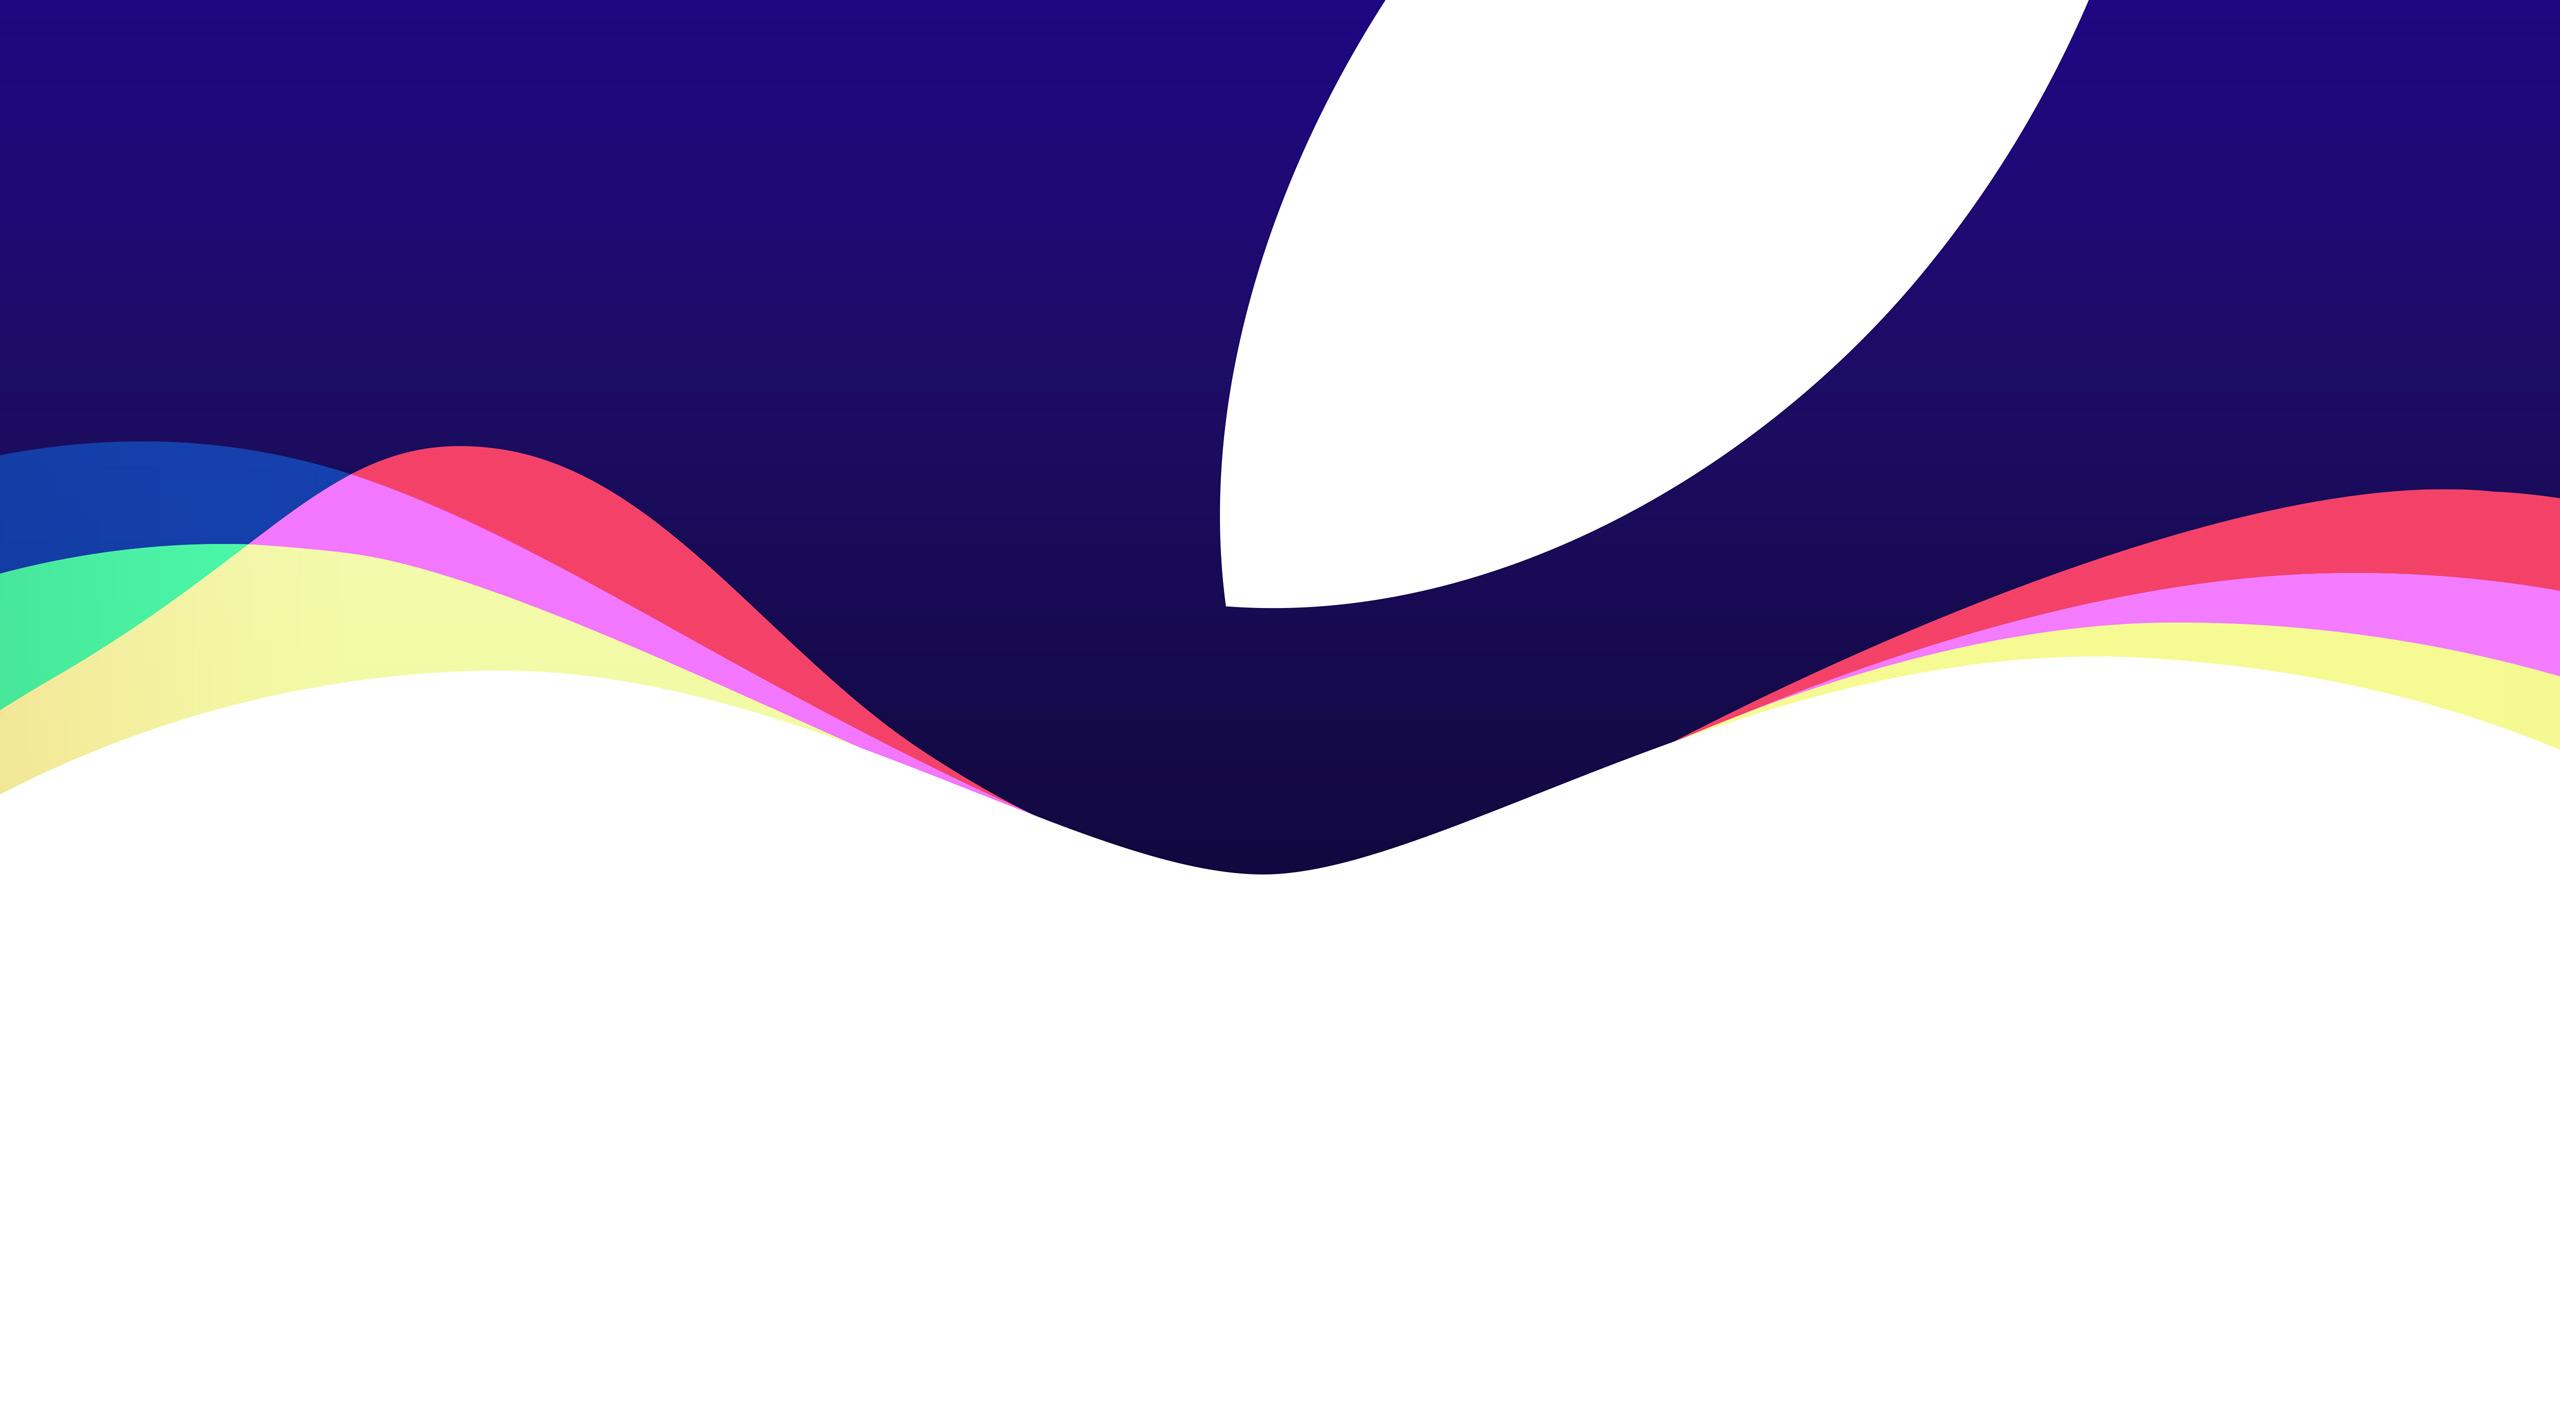 Все, что вам нужно знать о прошедшей презентации Apple